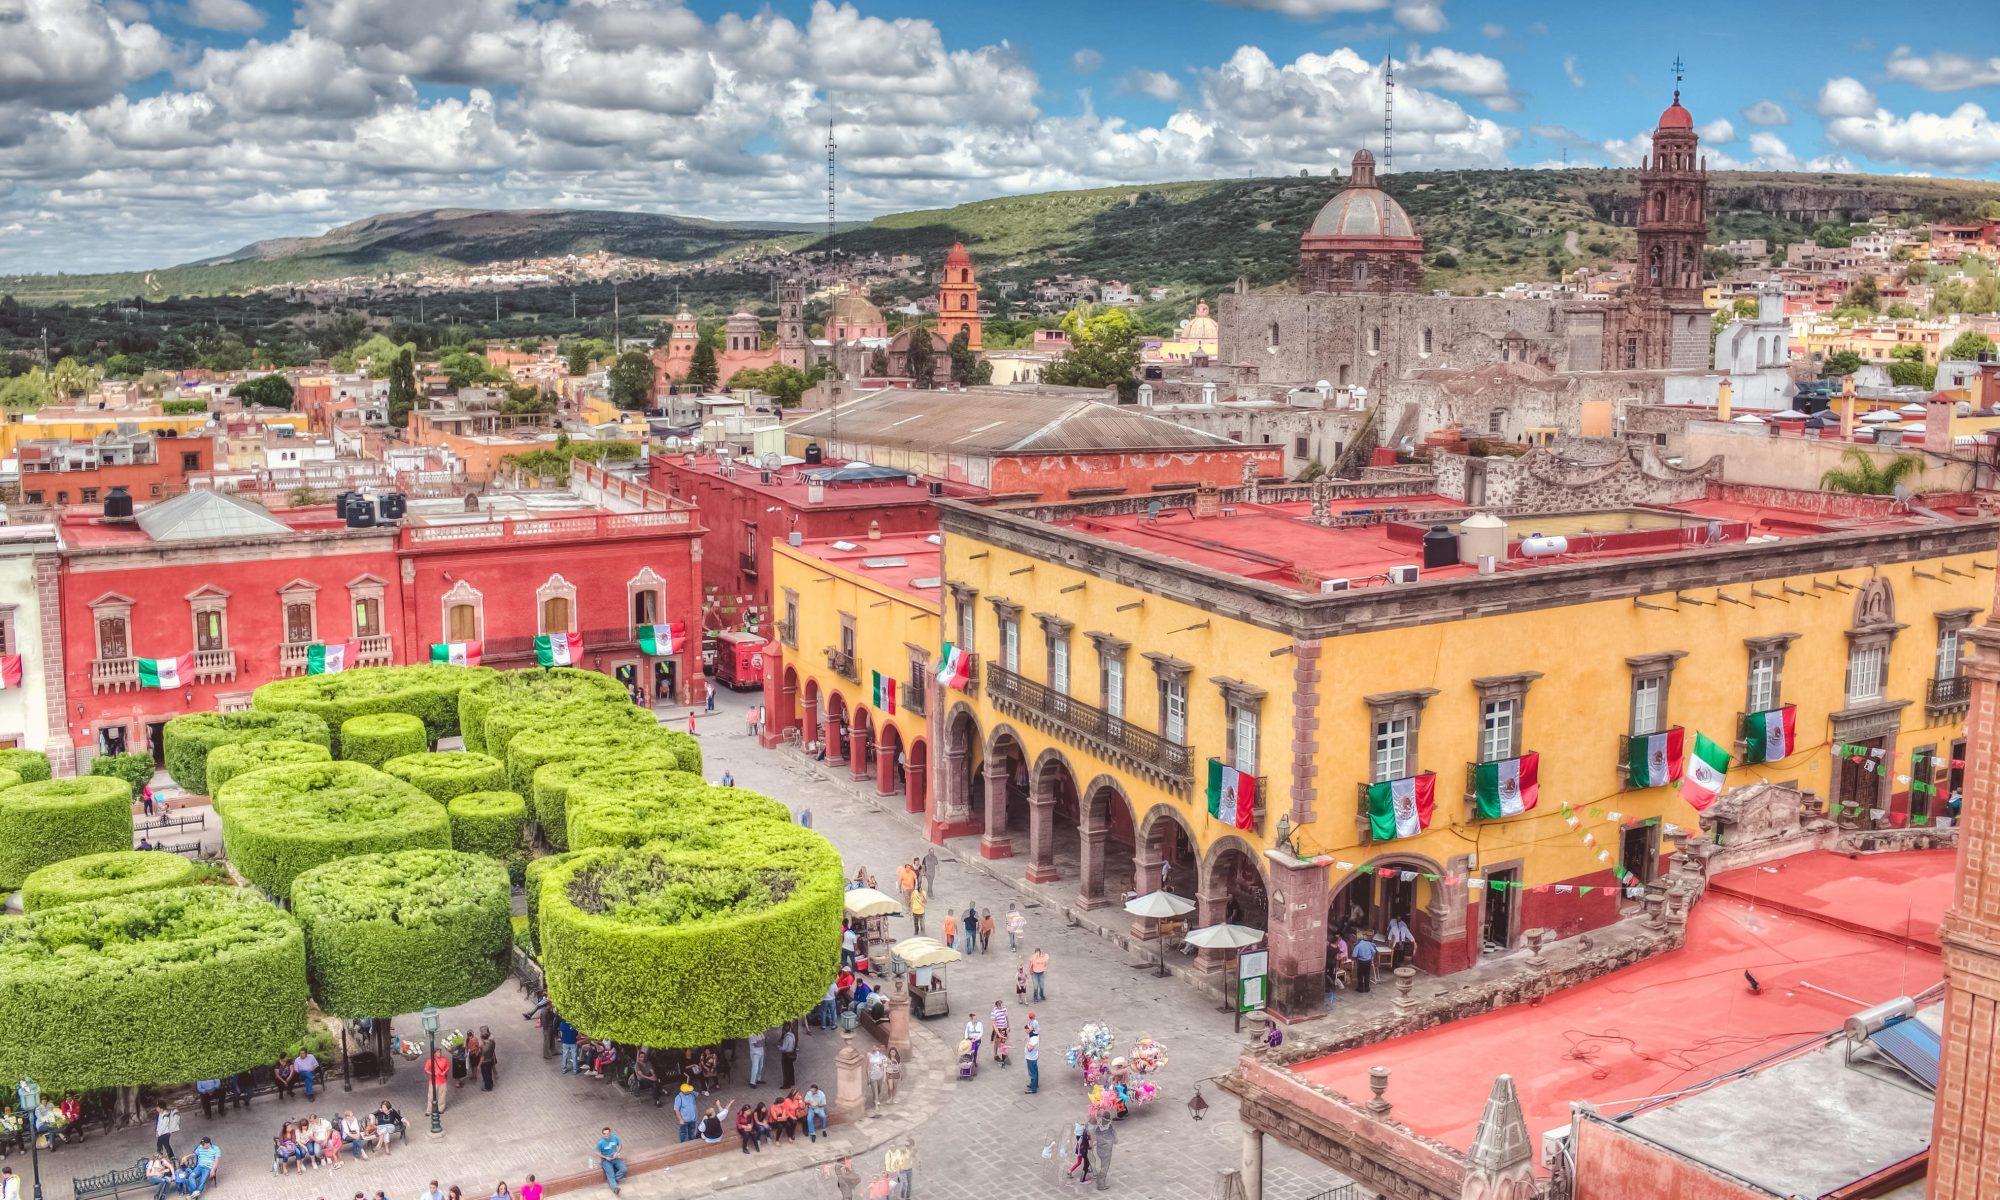 Centro San Miguel de Allende